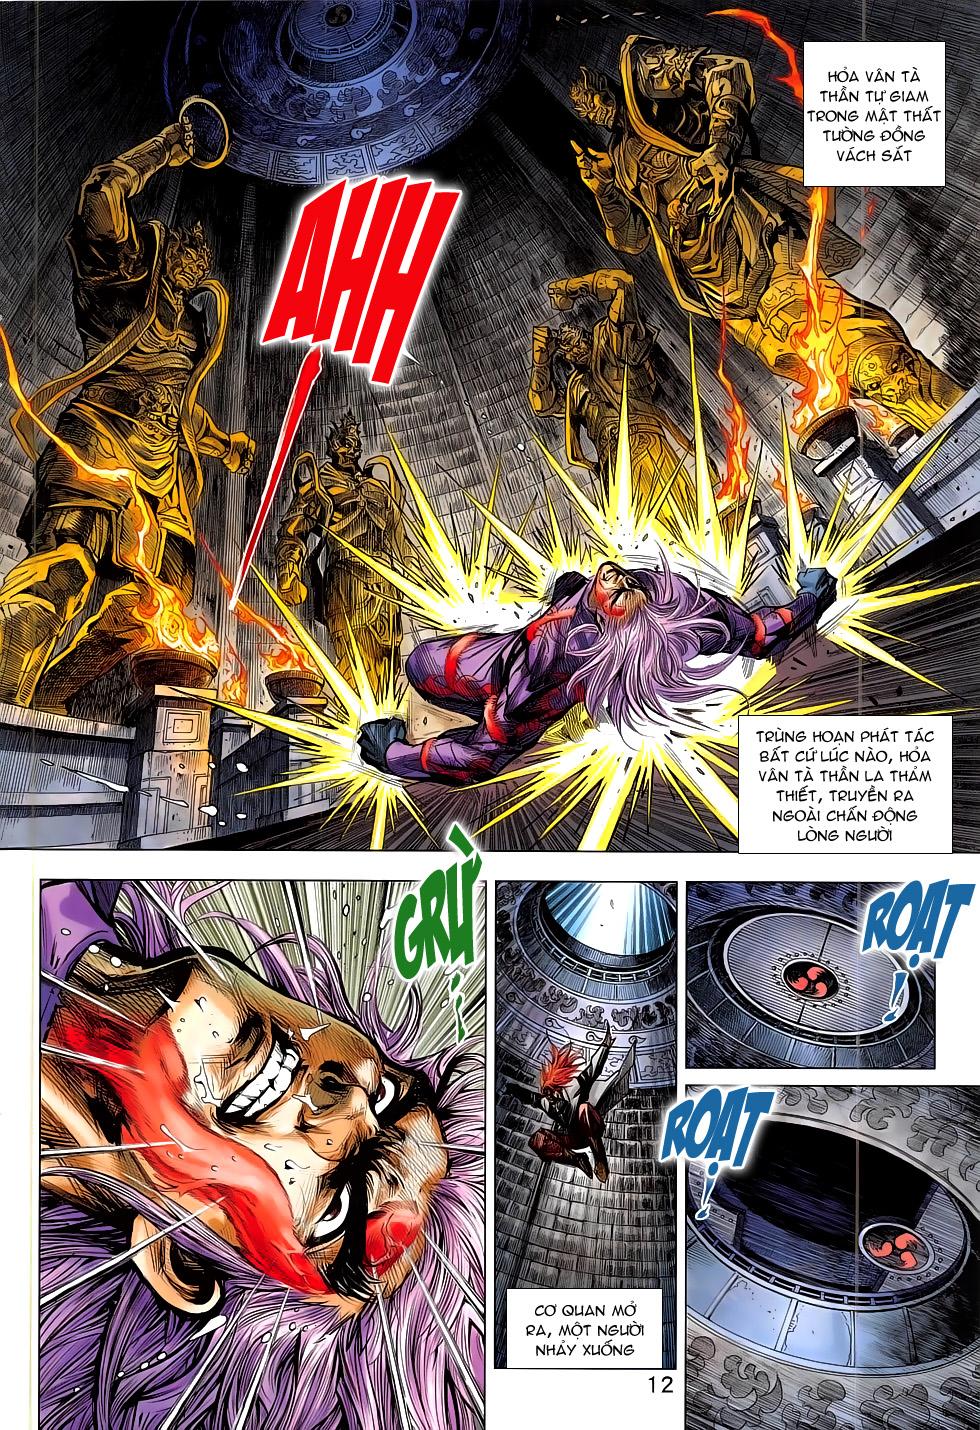 Tân Tác Long Hổ Môn chap 785 Trang 12 - Mangak.info